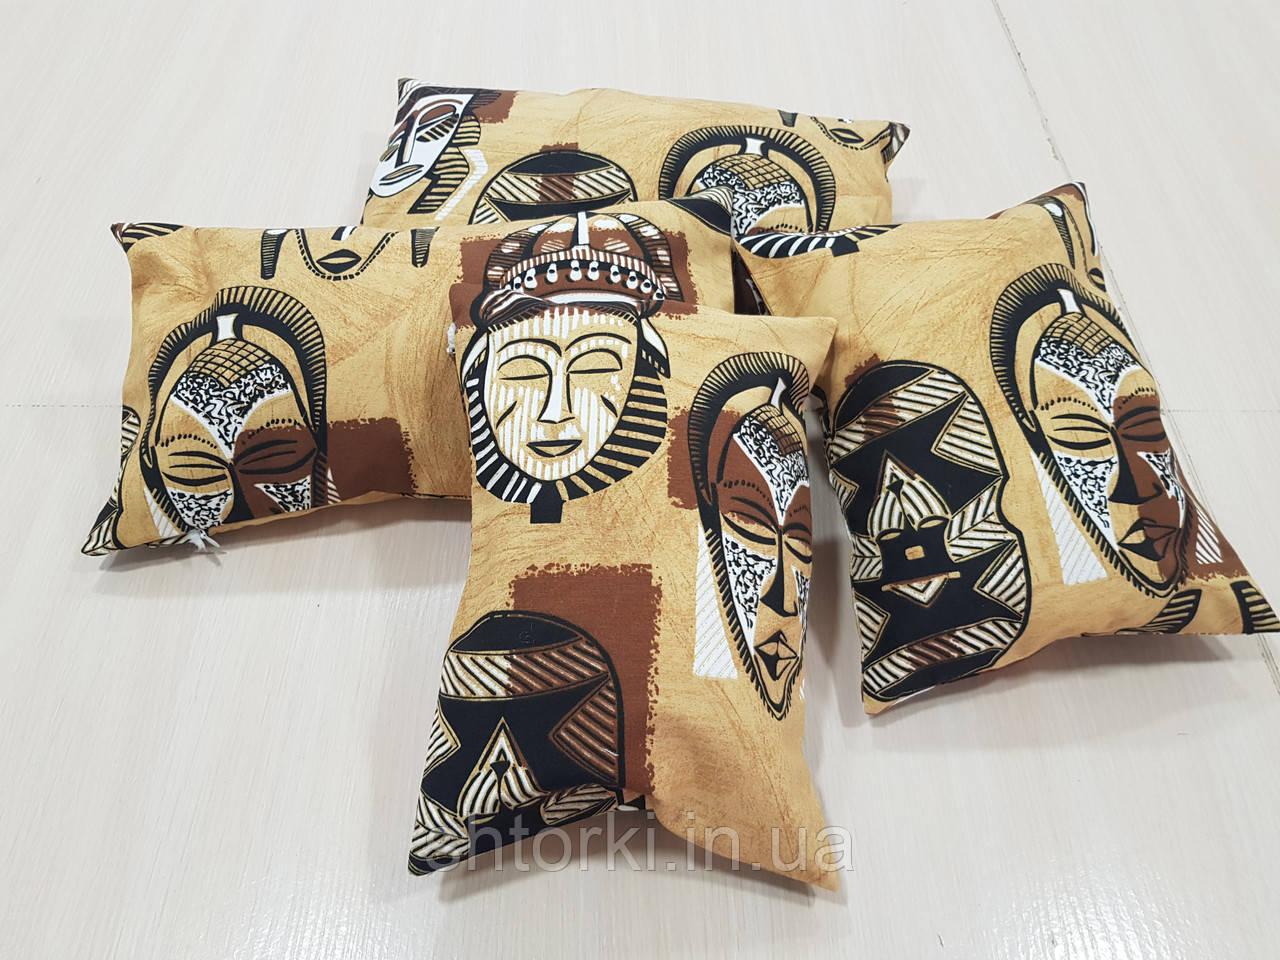 Комплект подушек   Африканский стиль 5шт